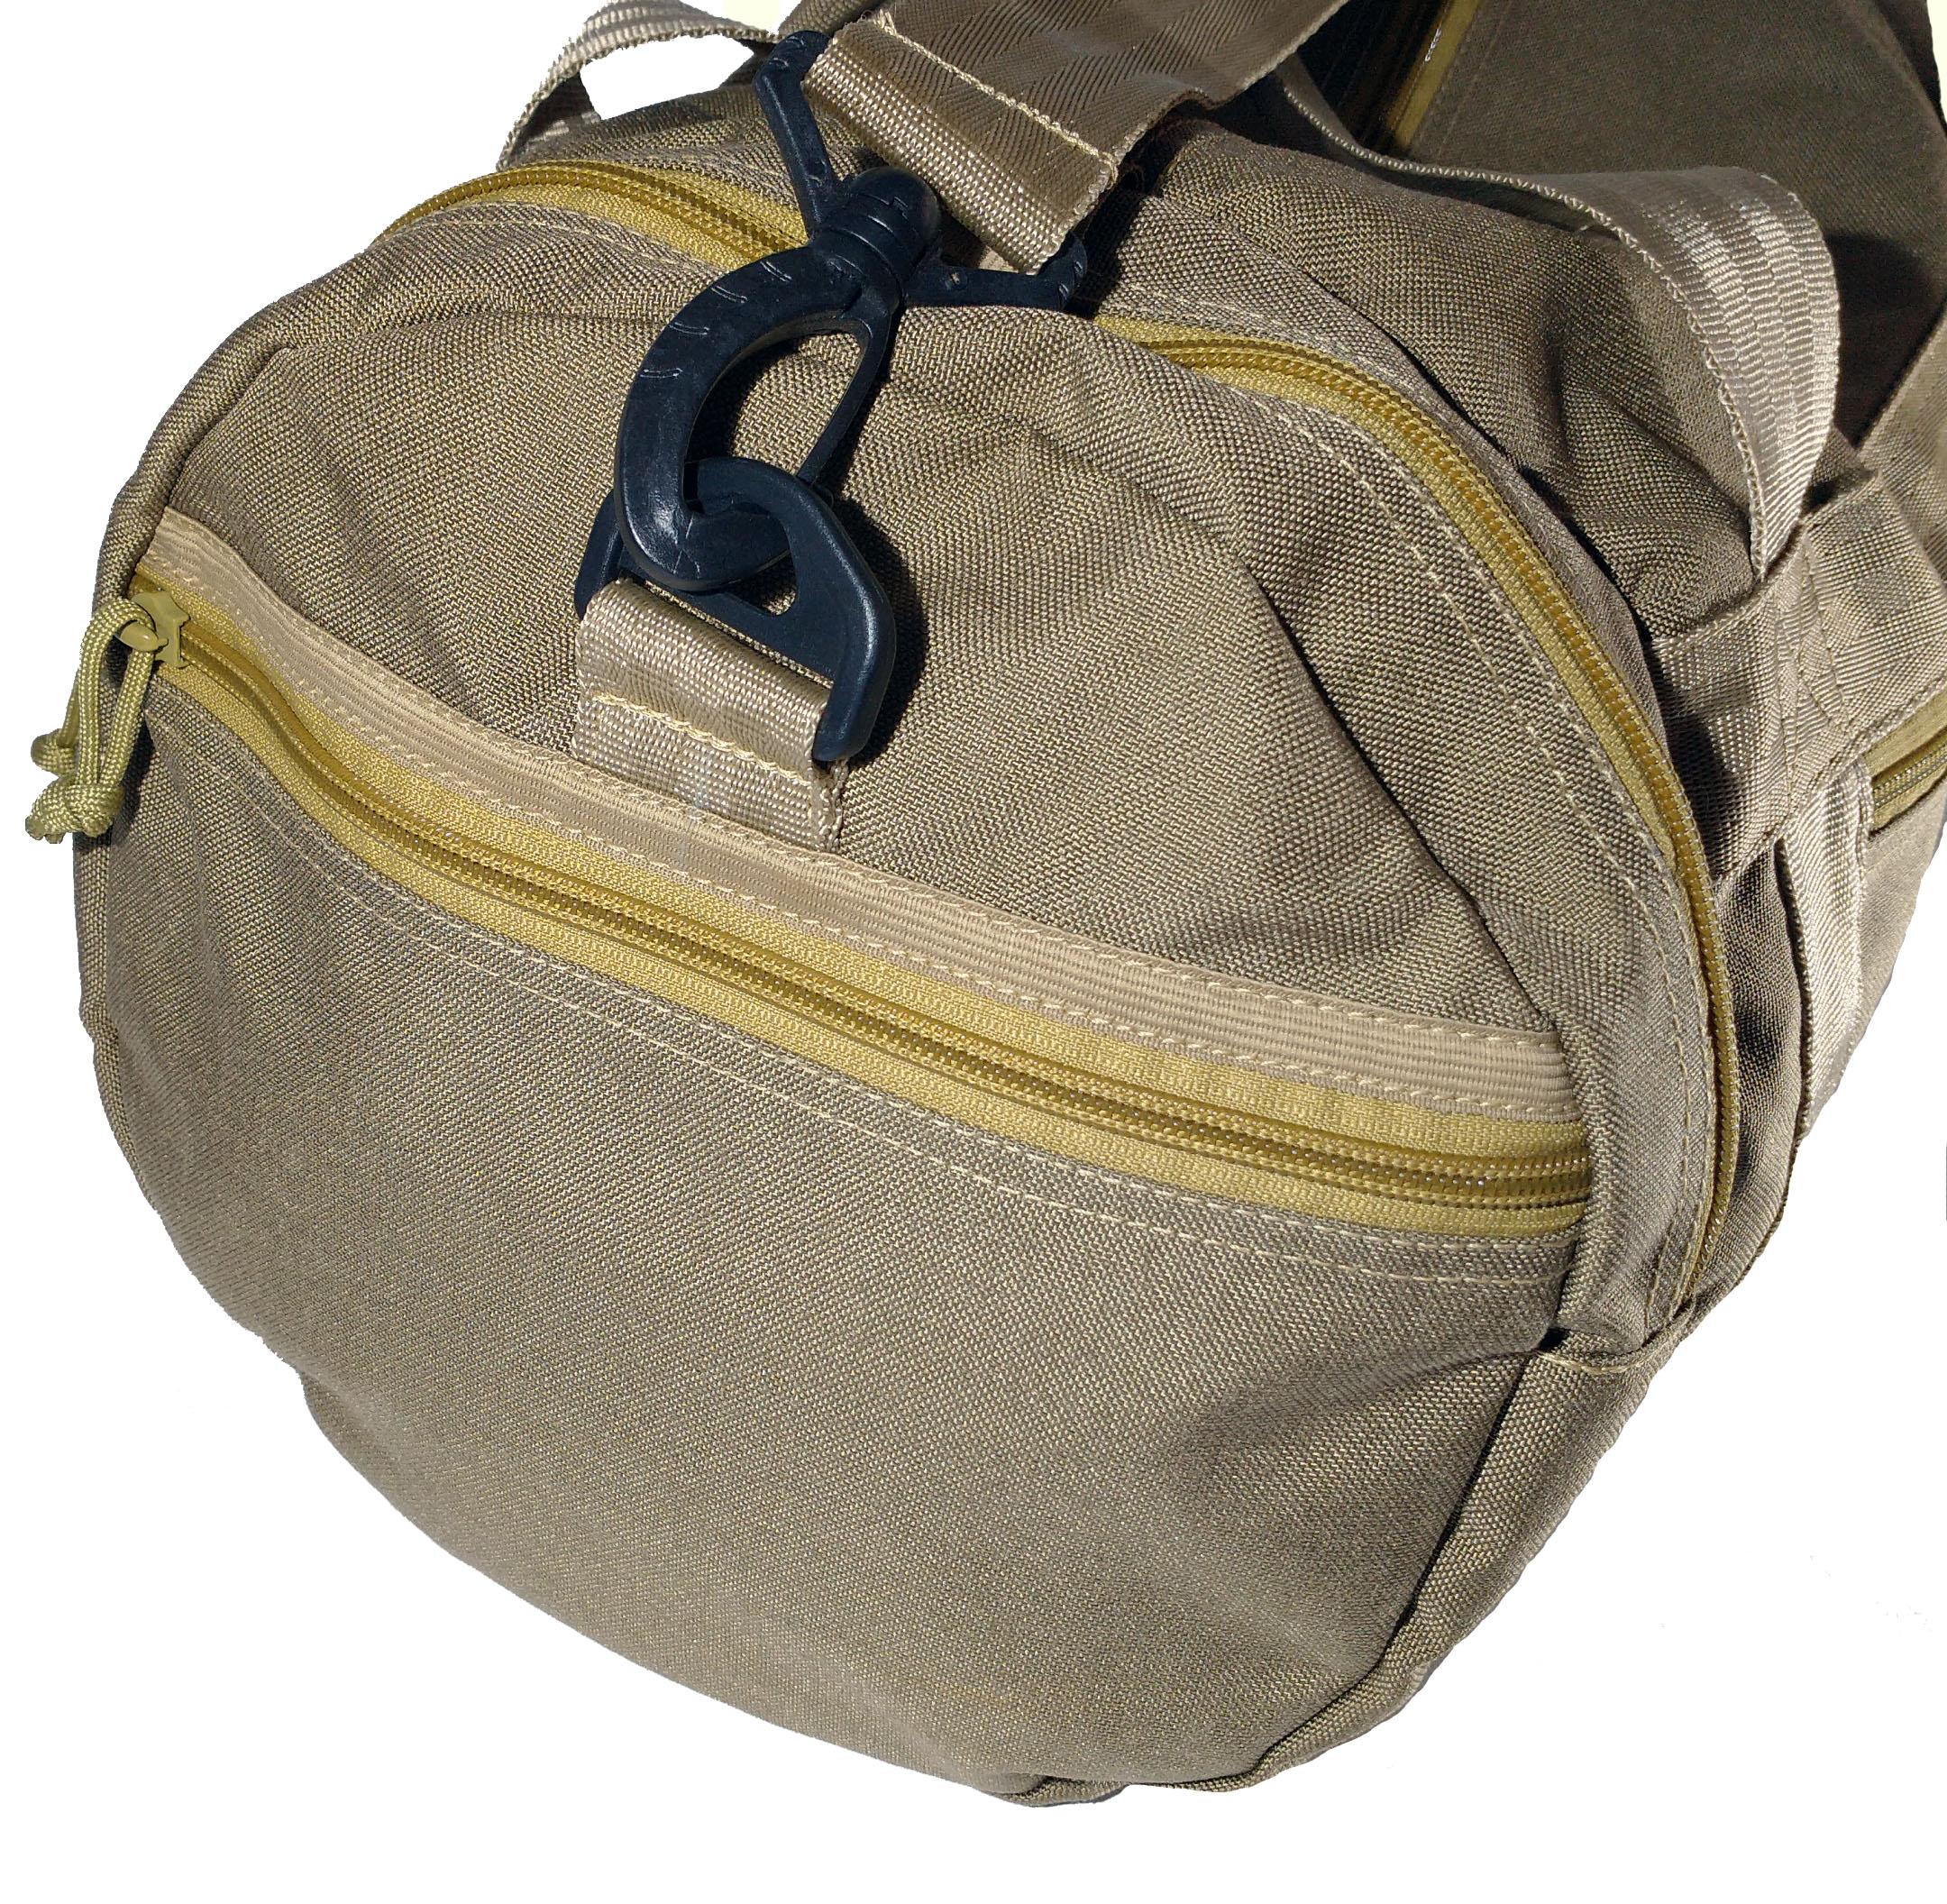 Diversos bolsas e compartimentos.